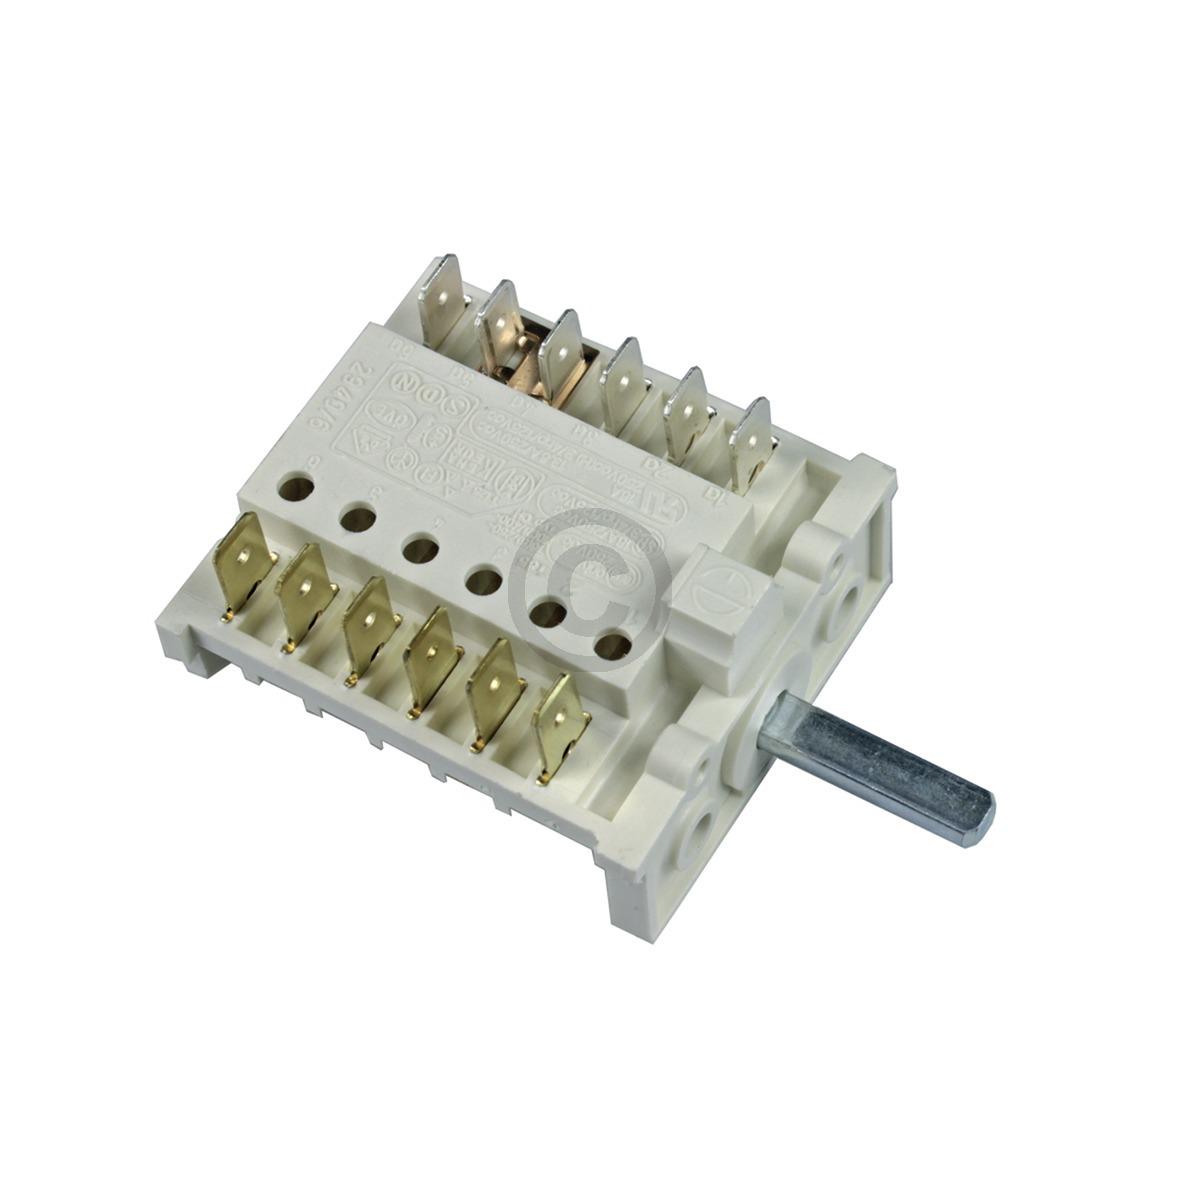 Backofenschalter 2940/6 60H/241N049 00161789 161789 Bosch, Siemens, Neff